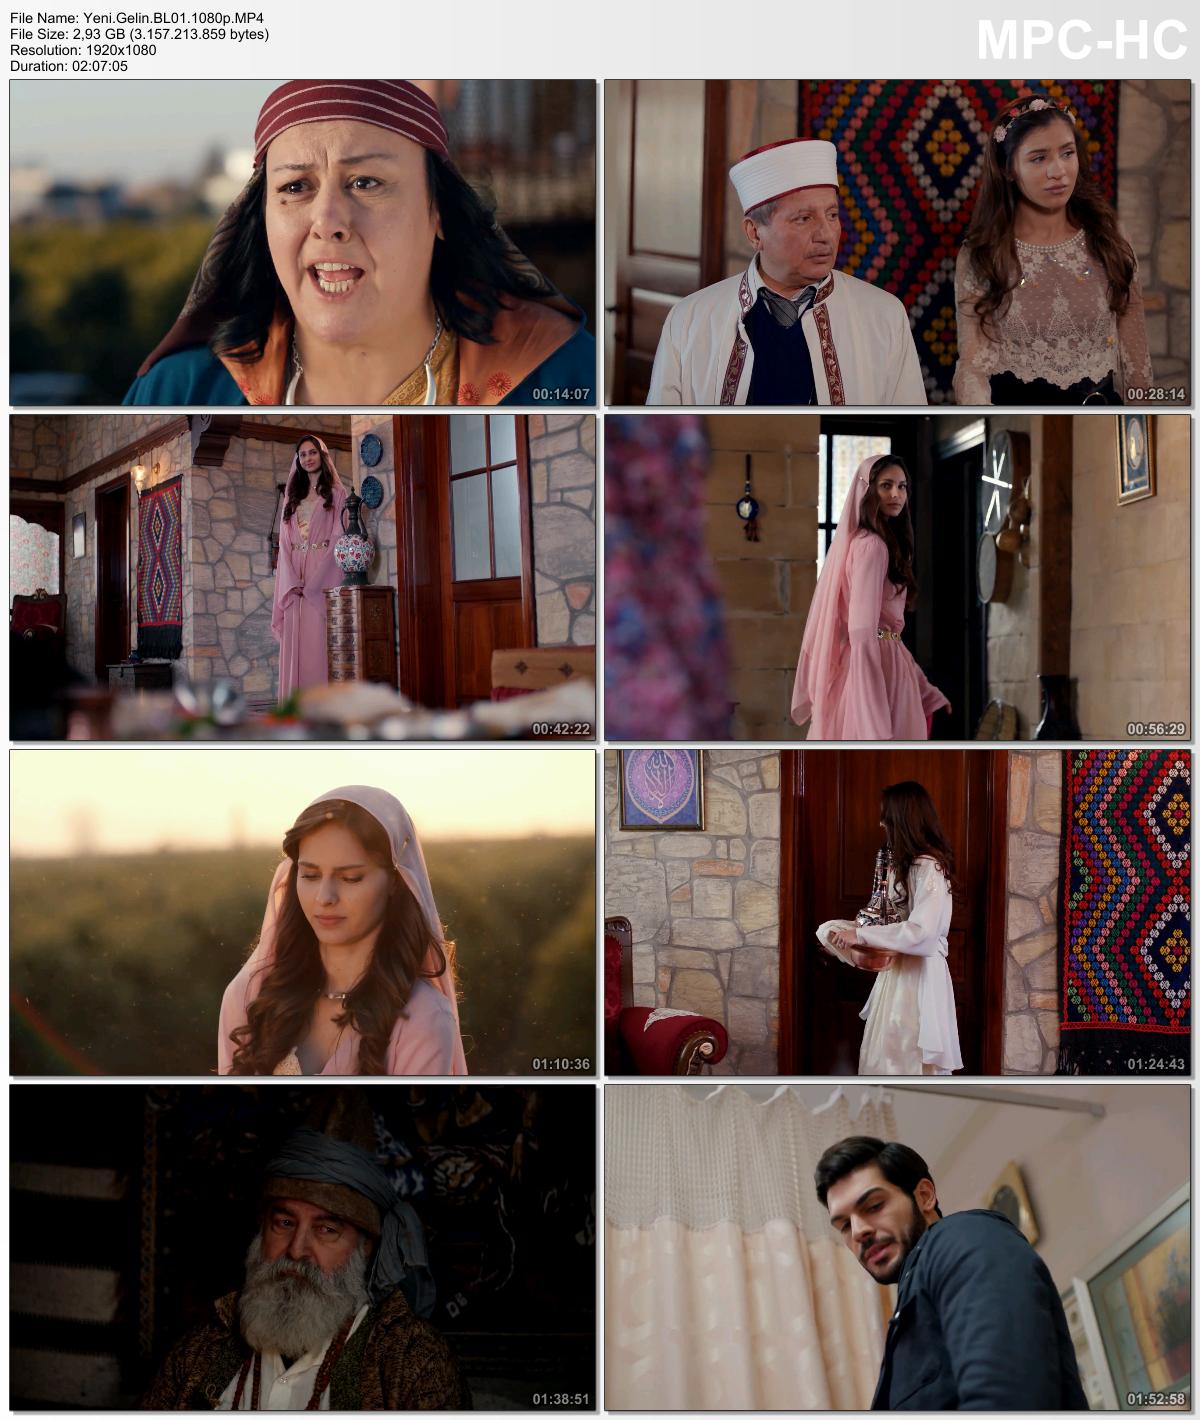 Yeni Gelin 43.Bölüm (HD - x264 - 1080p) Tüm Bölümler - okaann27